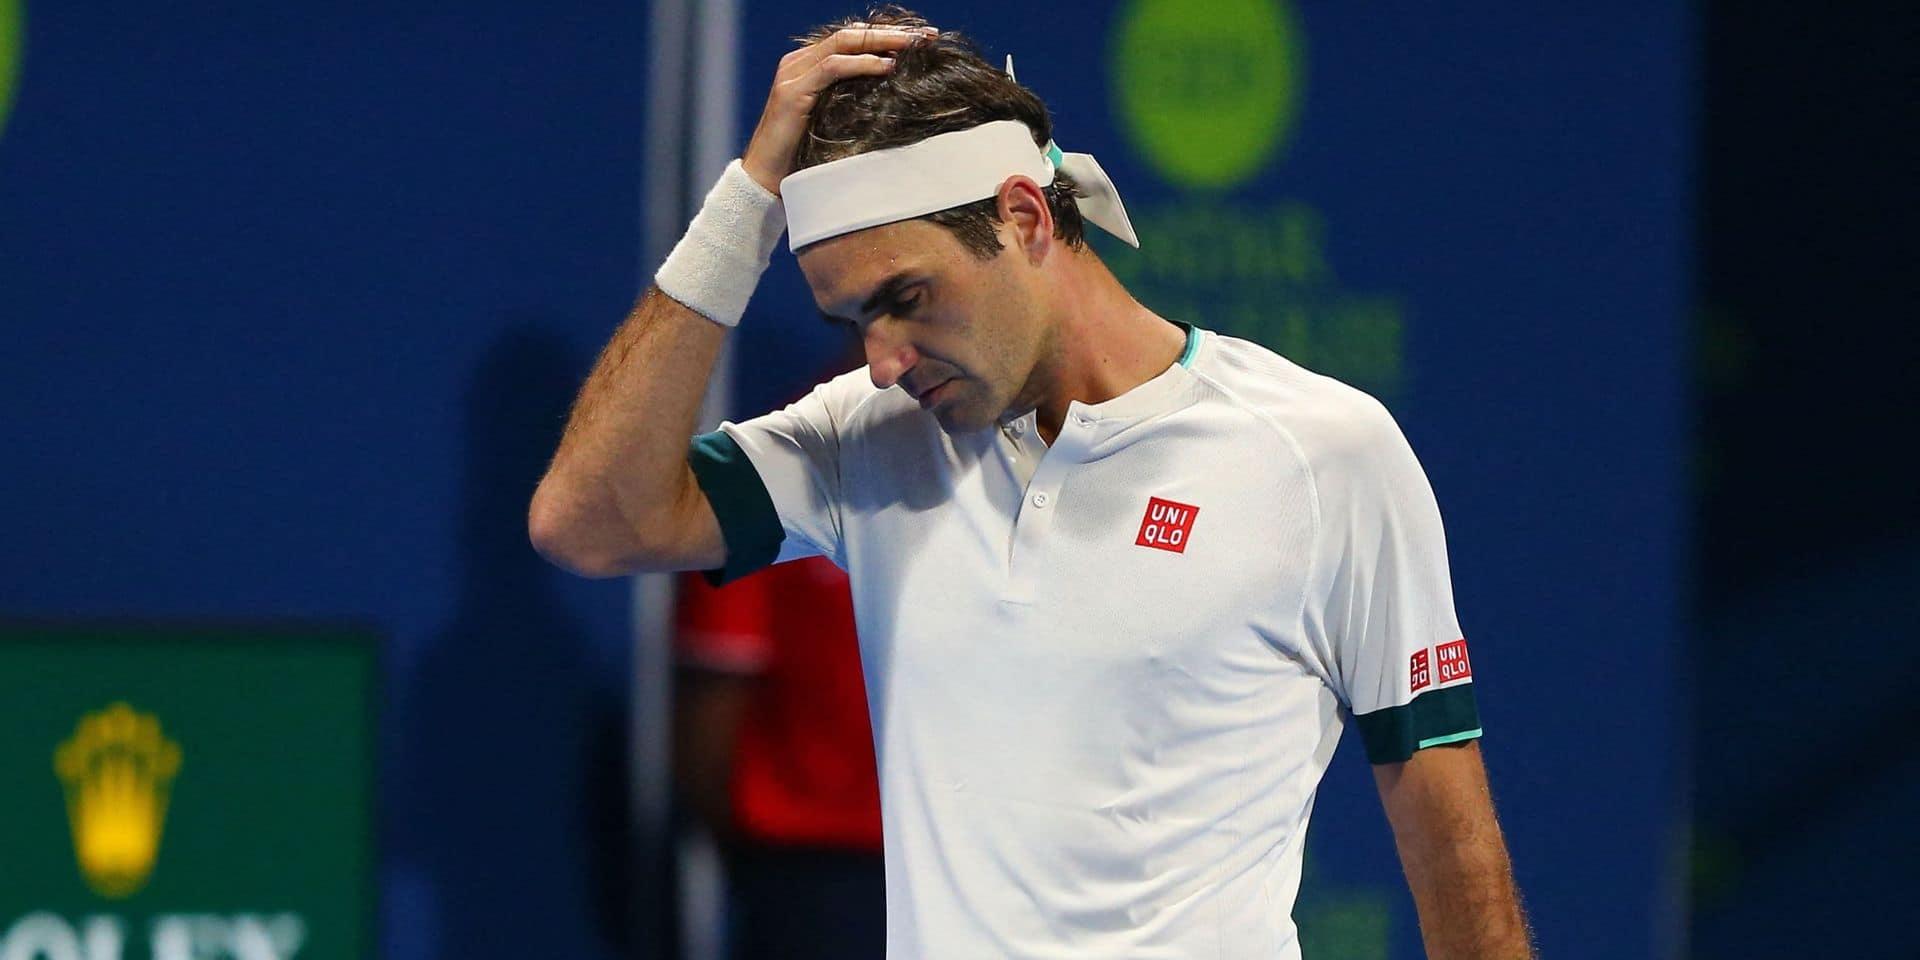 ATP Dubaï: Roger Federer renonce au tournoi de Dubaï